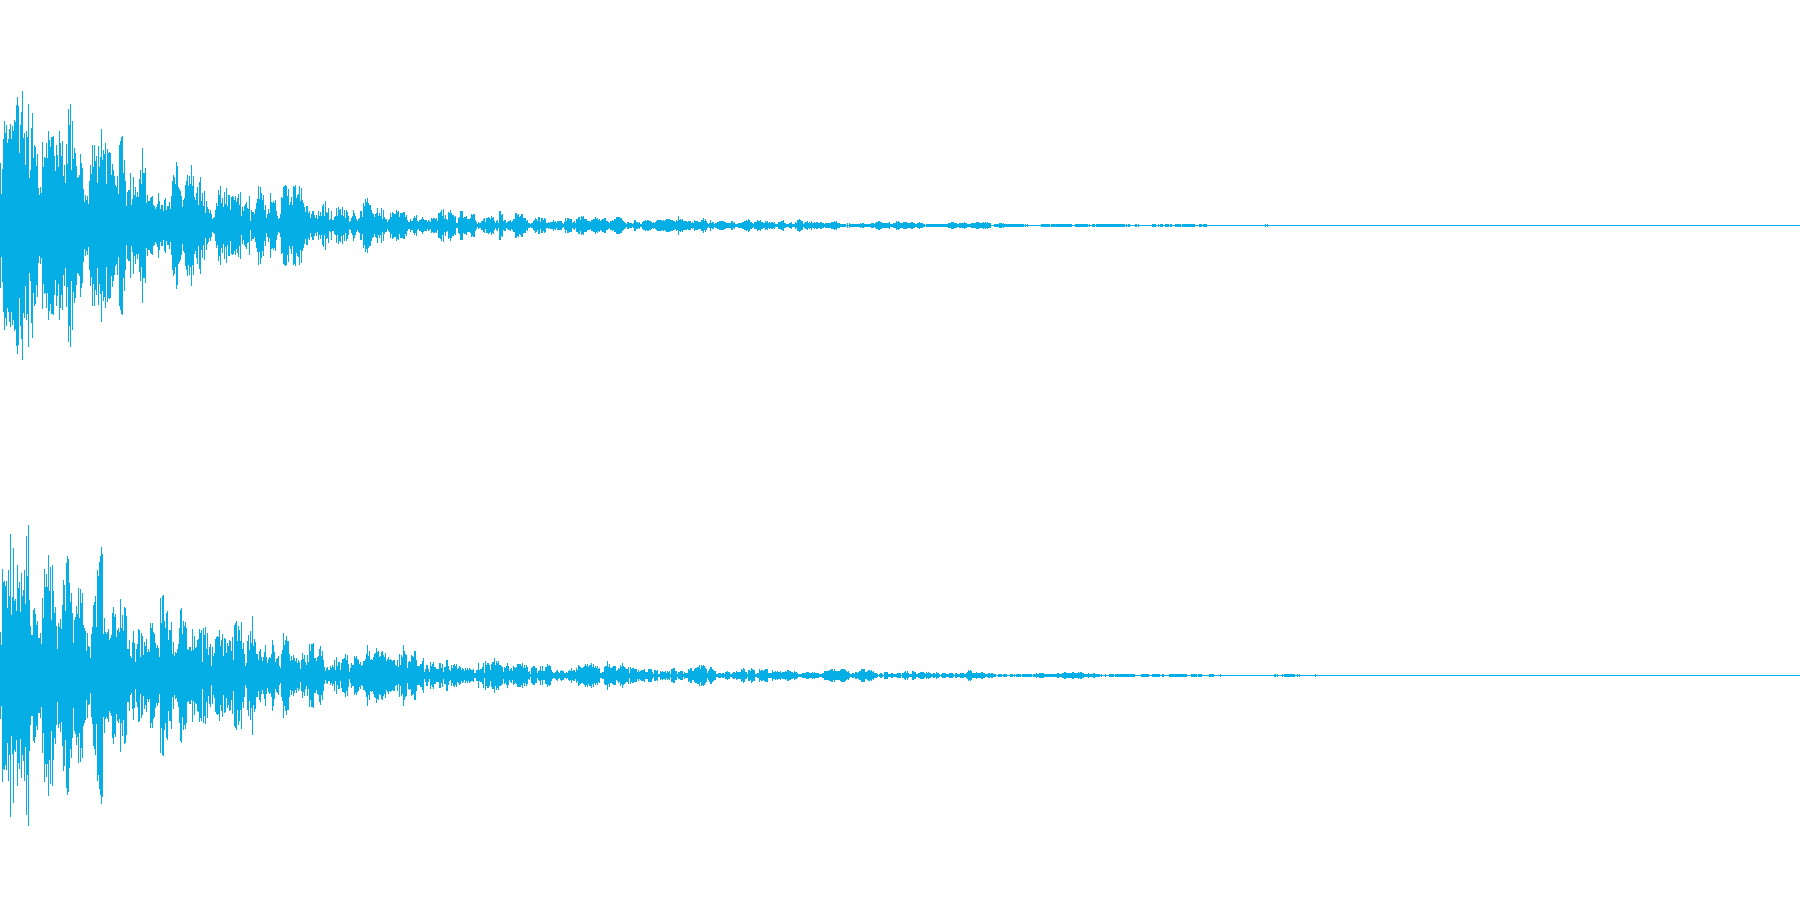 ドーン-28-1(インパクト音)の再生済みの波形